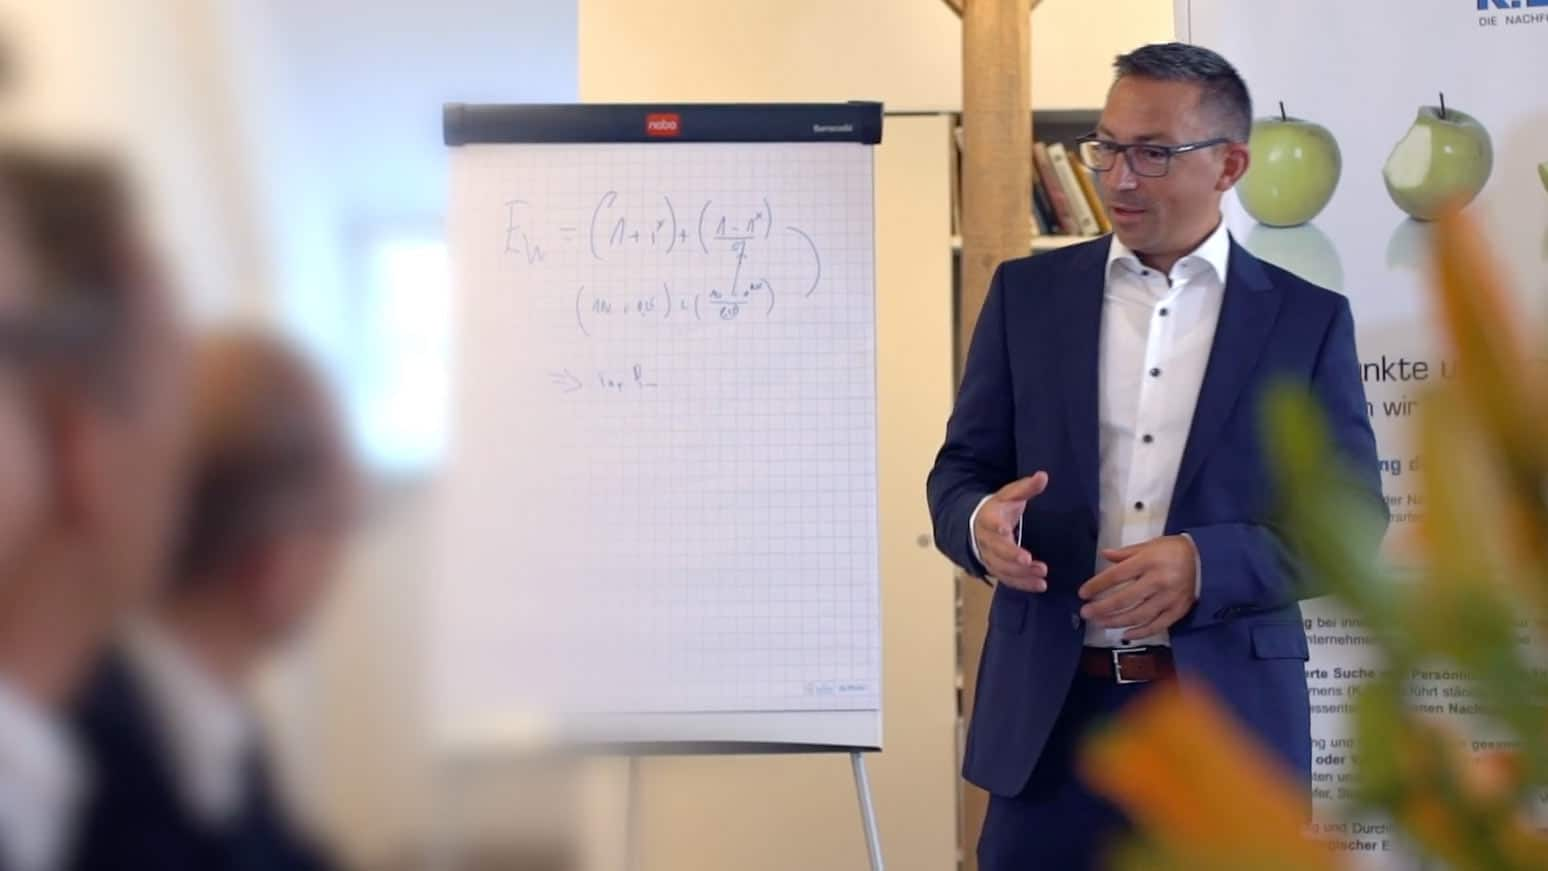 Specjalista KERN Josef Andrej przedstawia prezentację przed flipchartem